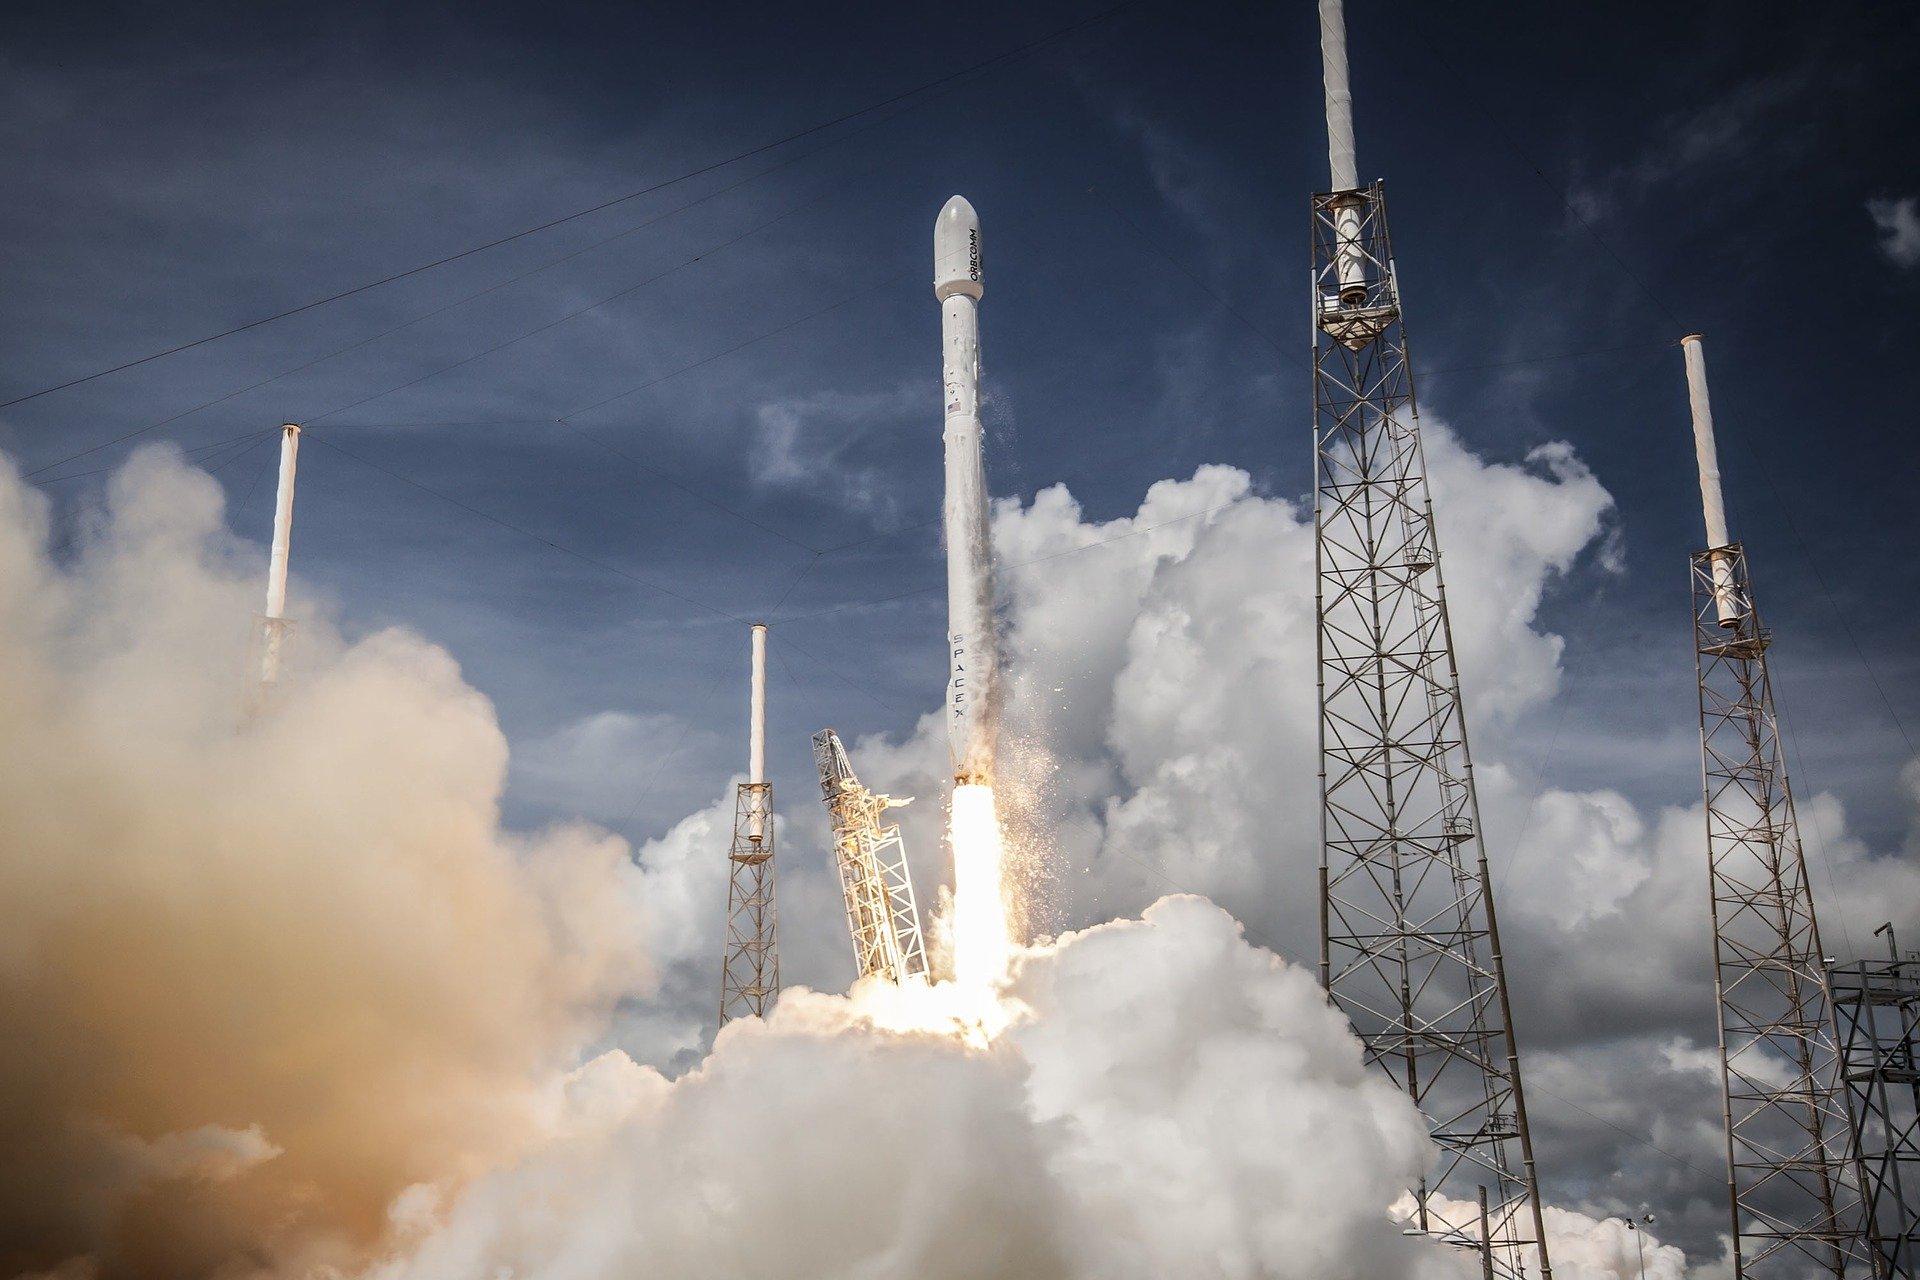 Plataforma Notícias Ordem Engenheiros Região Norte - Há engenheiros a produzir foguetões em Portugal